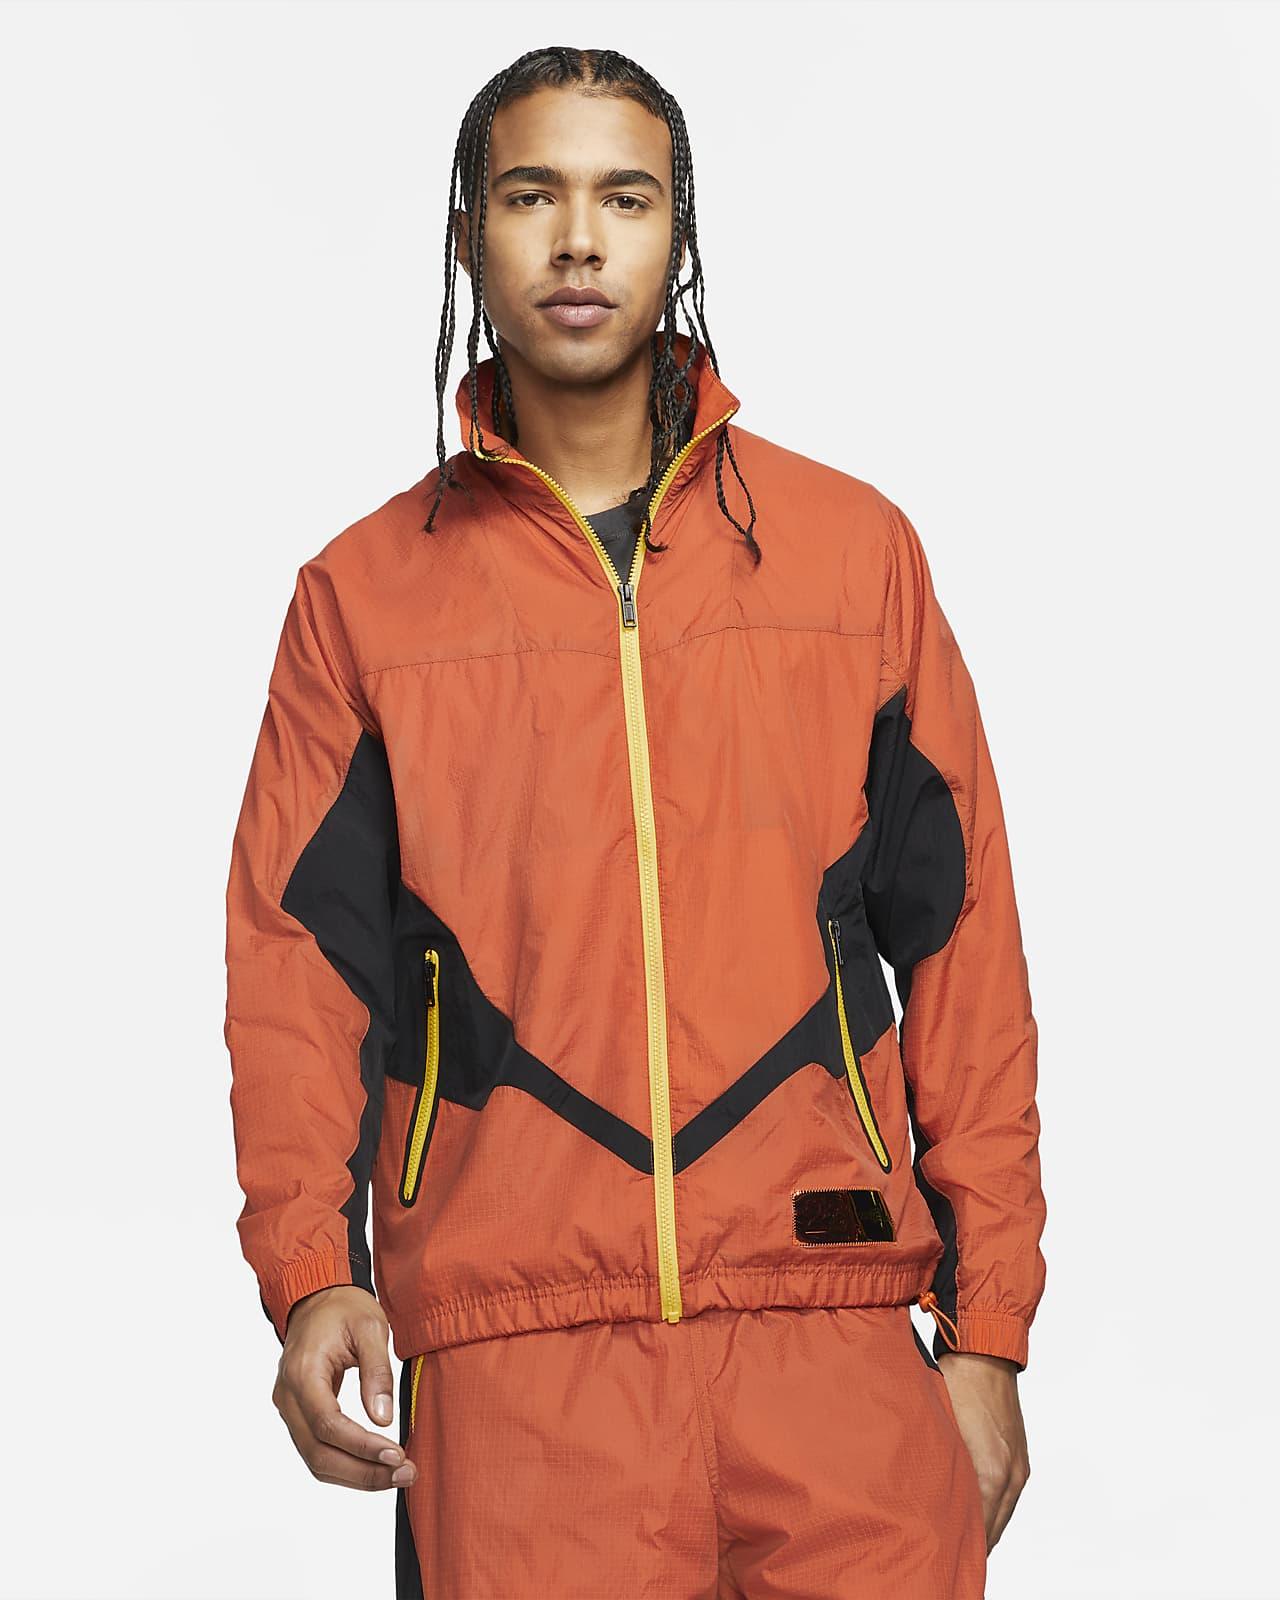 เสื้อแจ็คเก็ตวอร์มผู้ชาย Jordan 23 Engineered